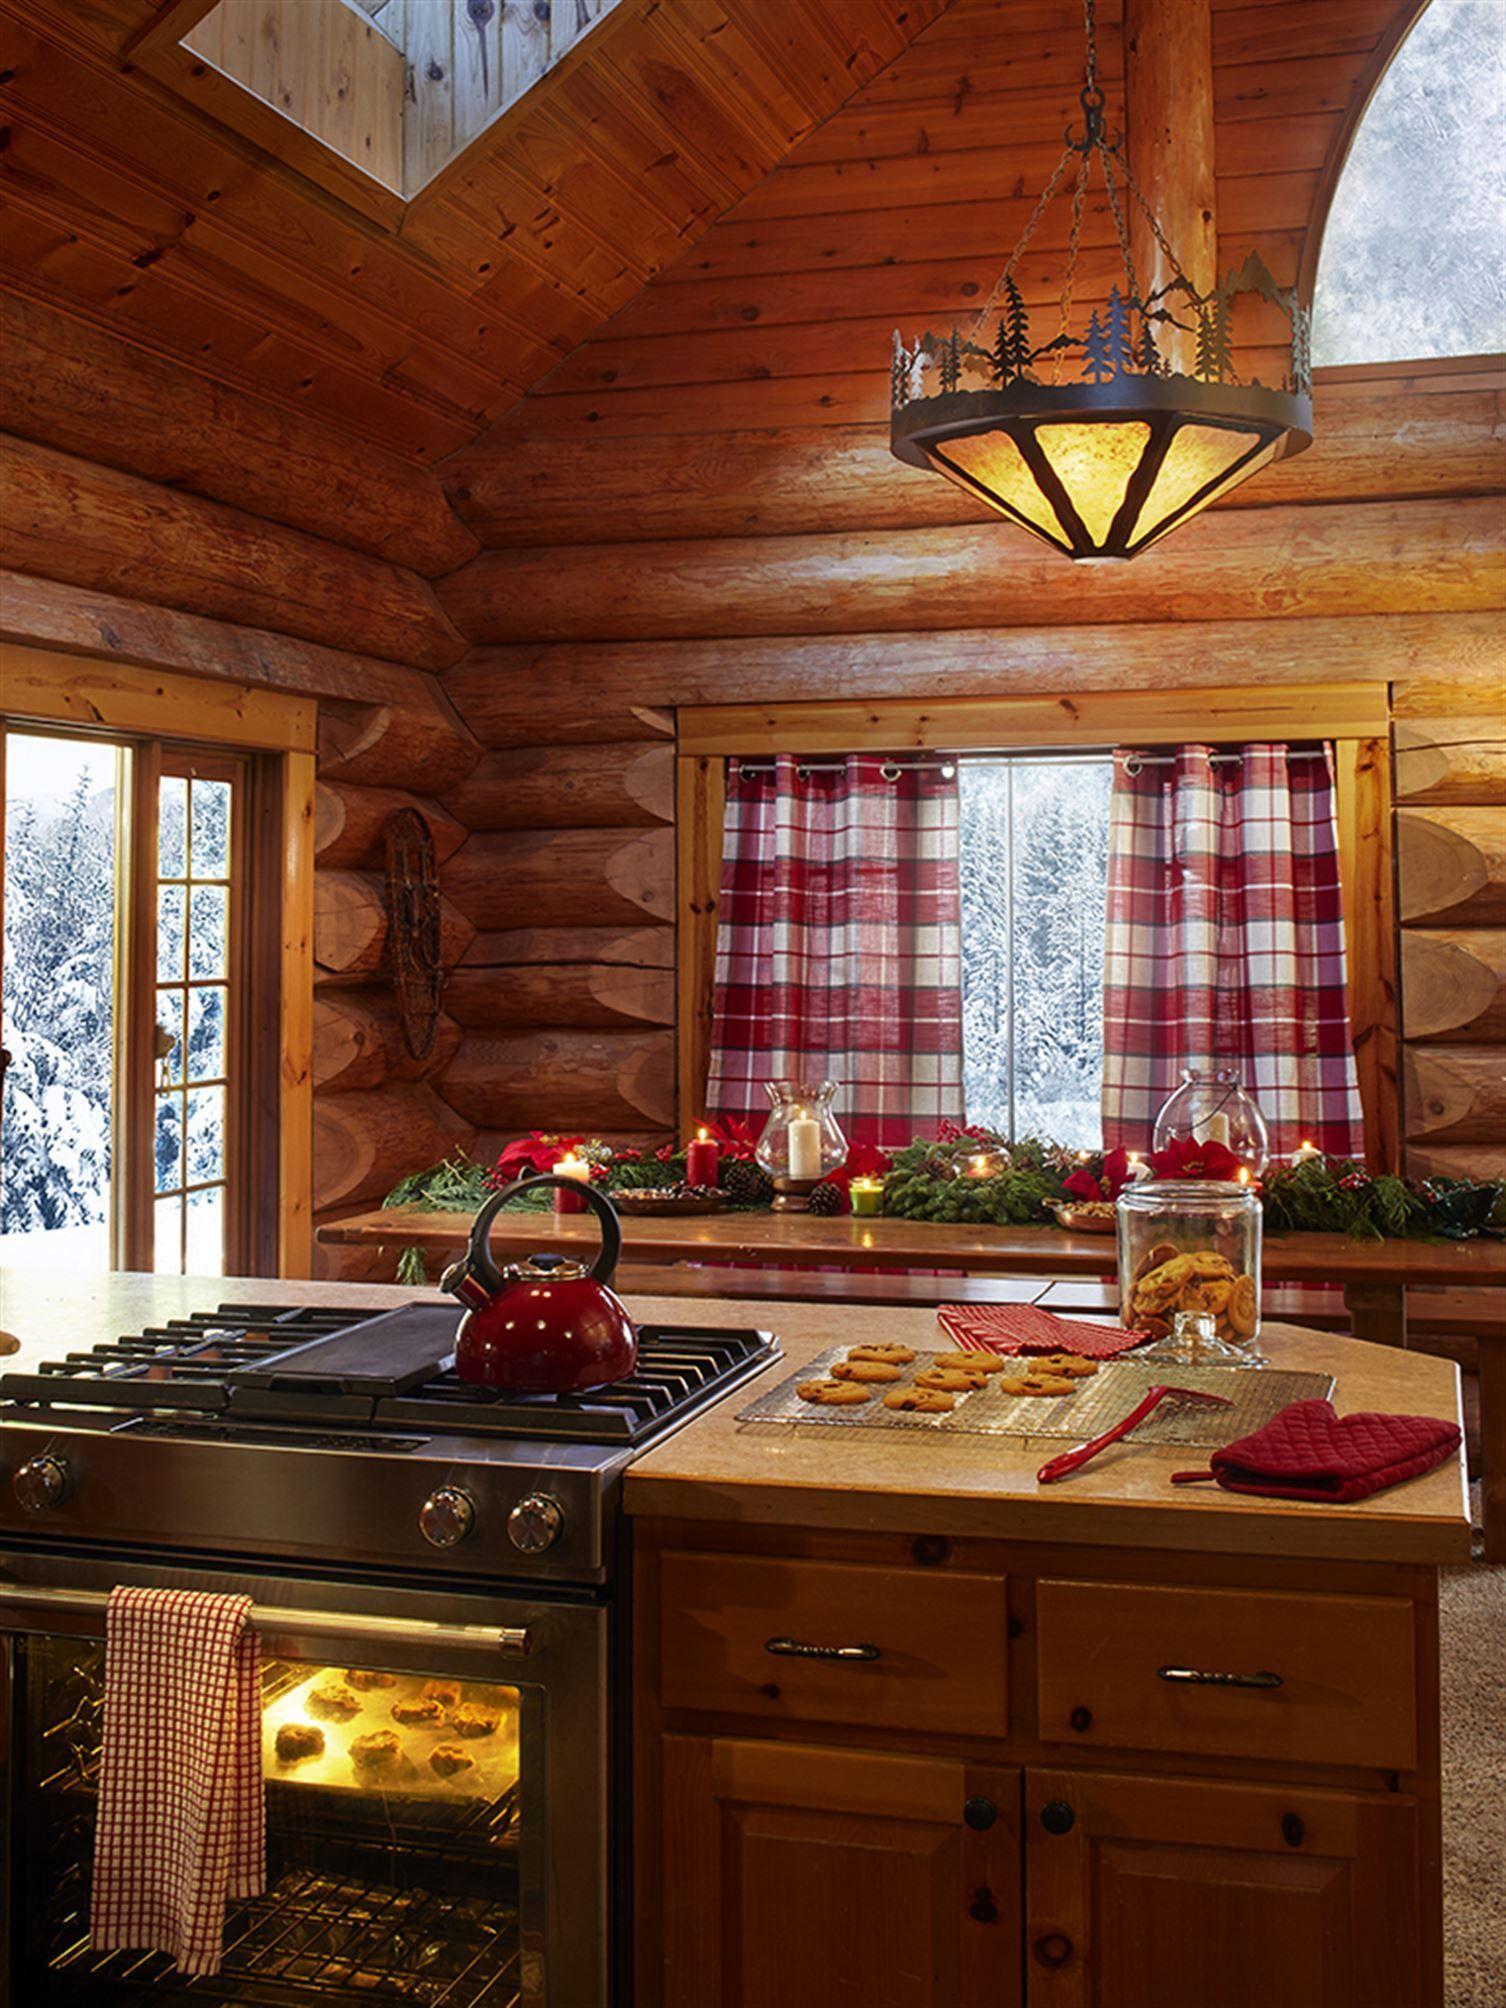 La Maison Du Pere Noel.Joyeux Noël 2016 Avec La Maison Du Père Noël à L Intérieur